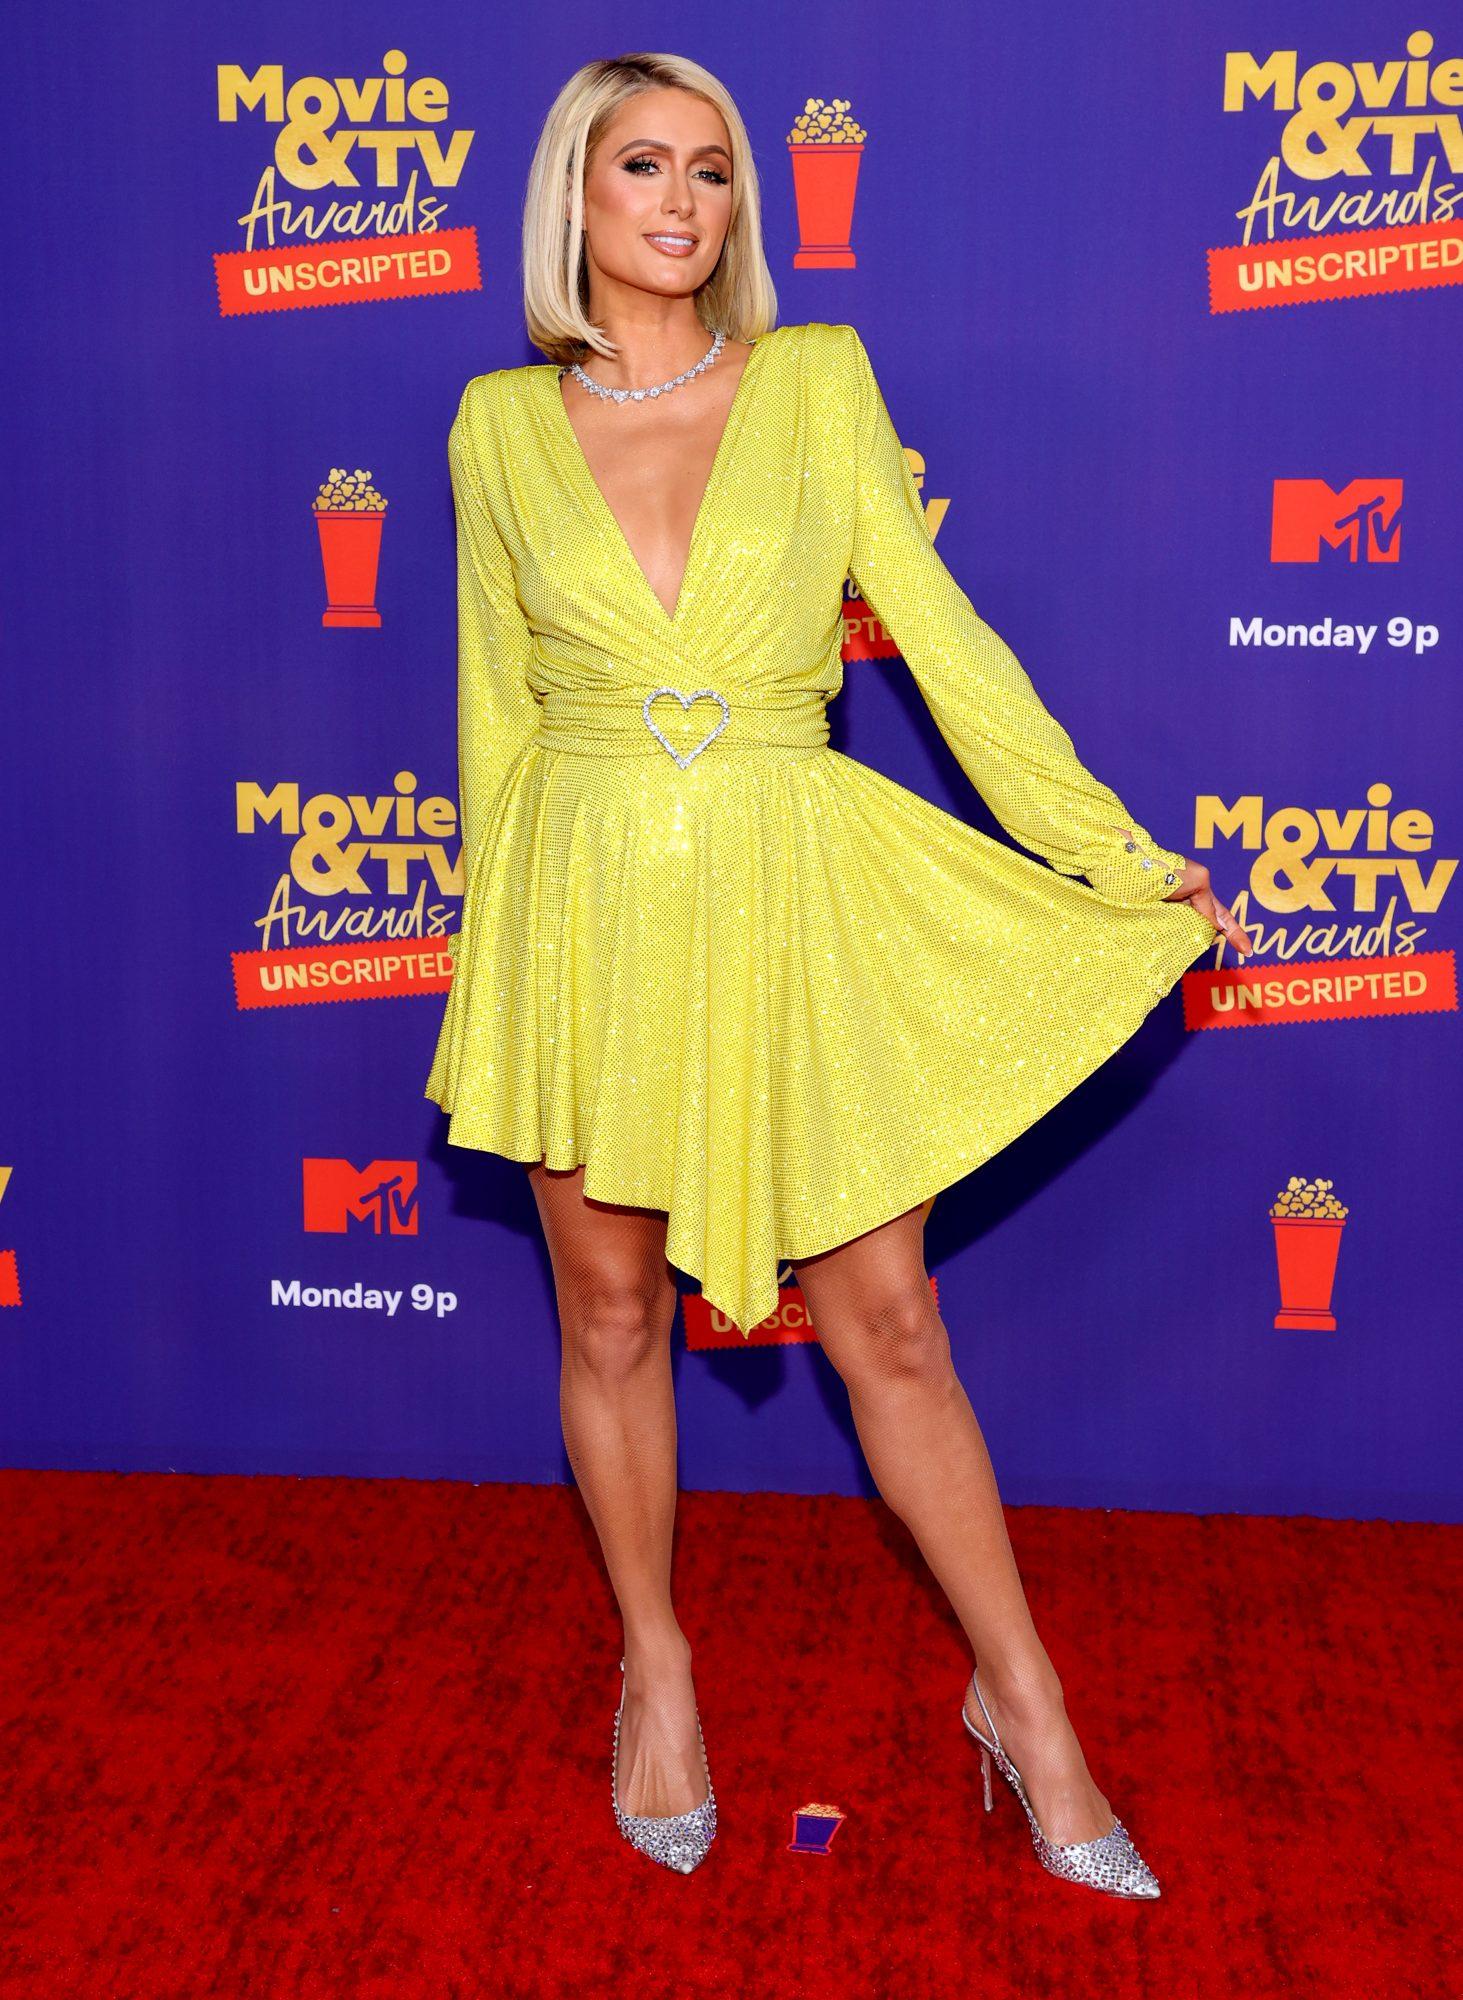 MTV Movie & Television Awards, Paris Hilton